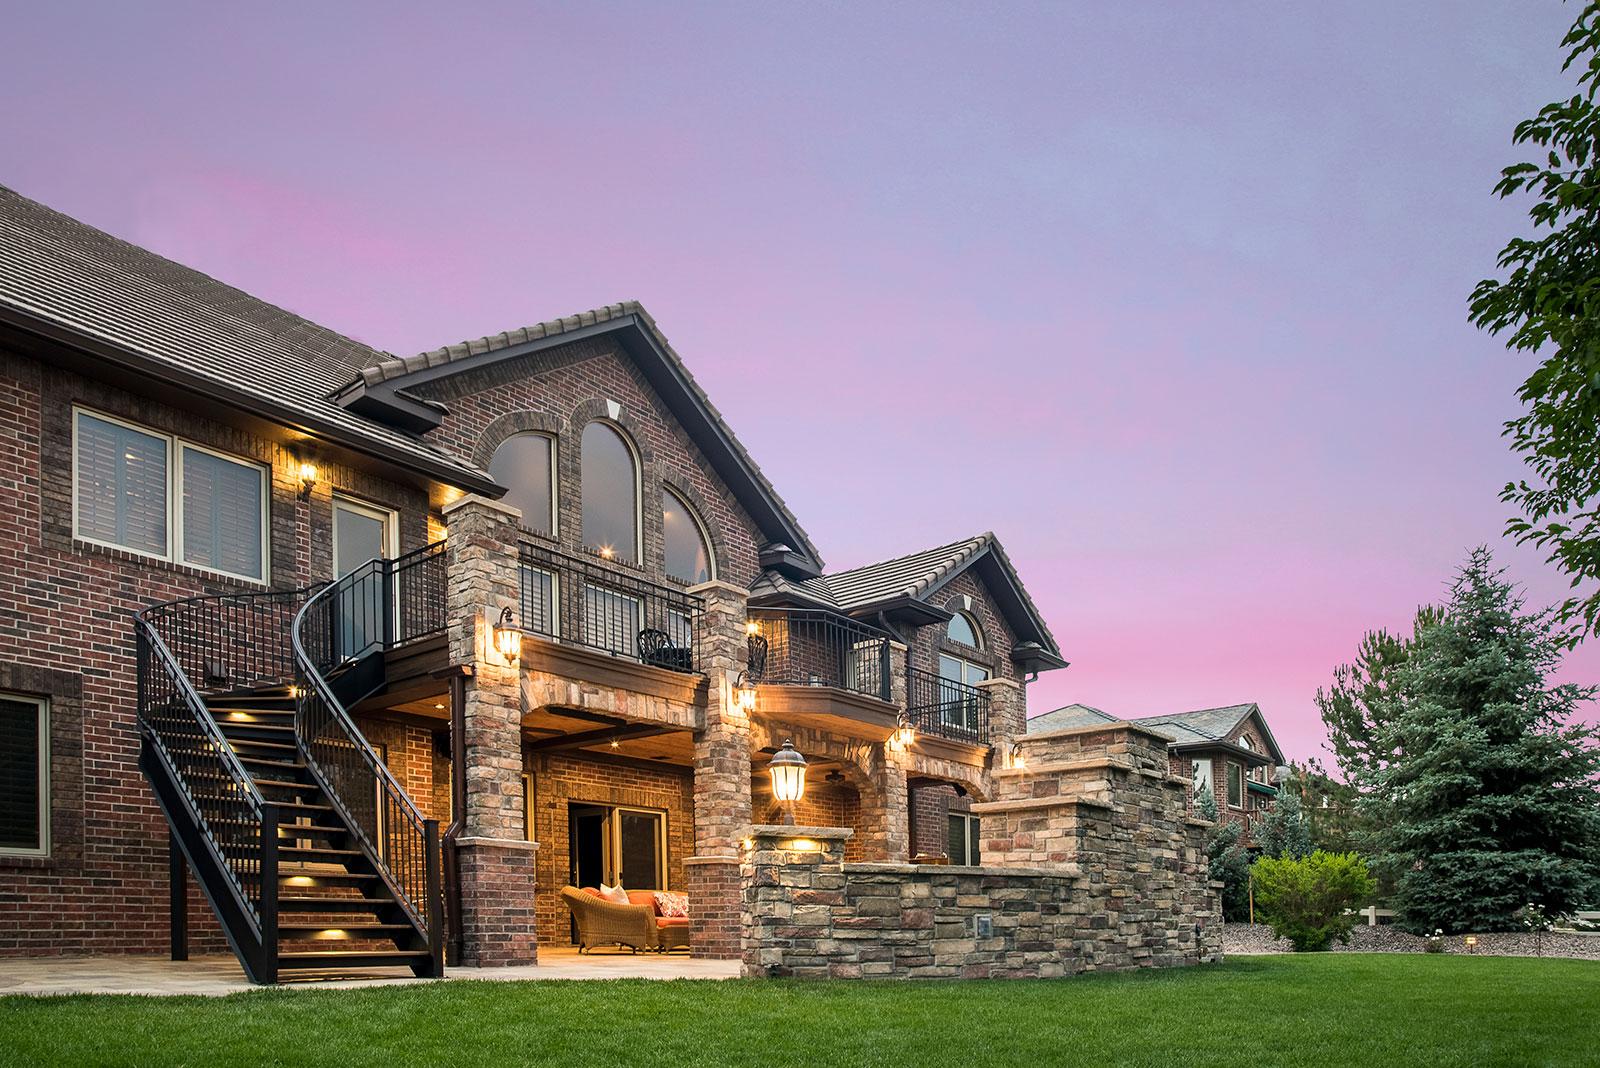 LL-20-12 - Elite Landscape & Outdoor Living - Elite ... on Elite Landscape And Outdoor Living id=56463